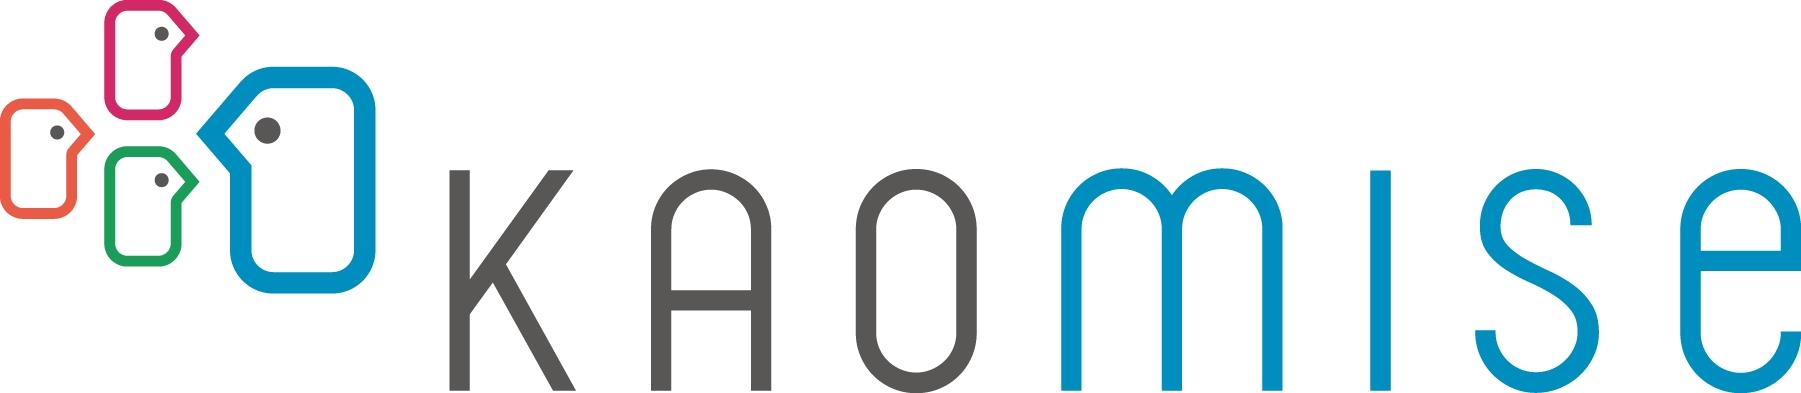 人材業界向けに遠隔地との面談を可能にするWeb面談システム『kaomise(カオミセ)』を提供開始